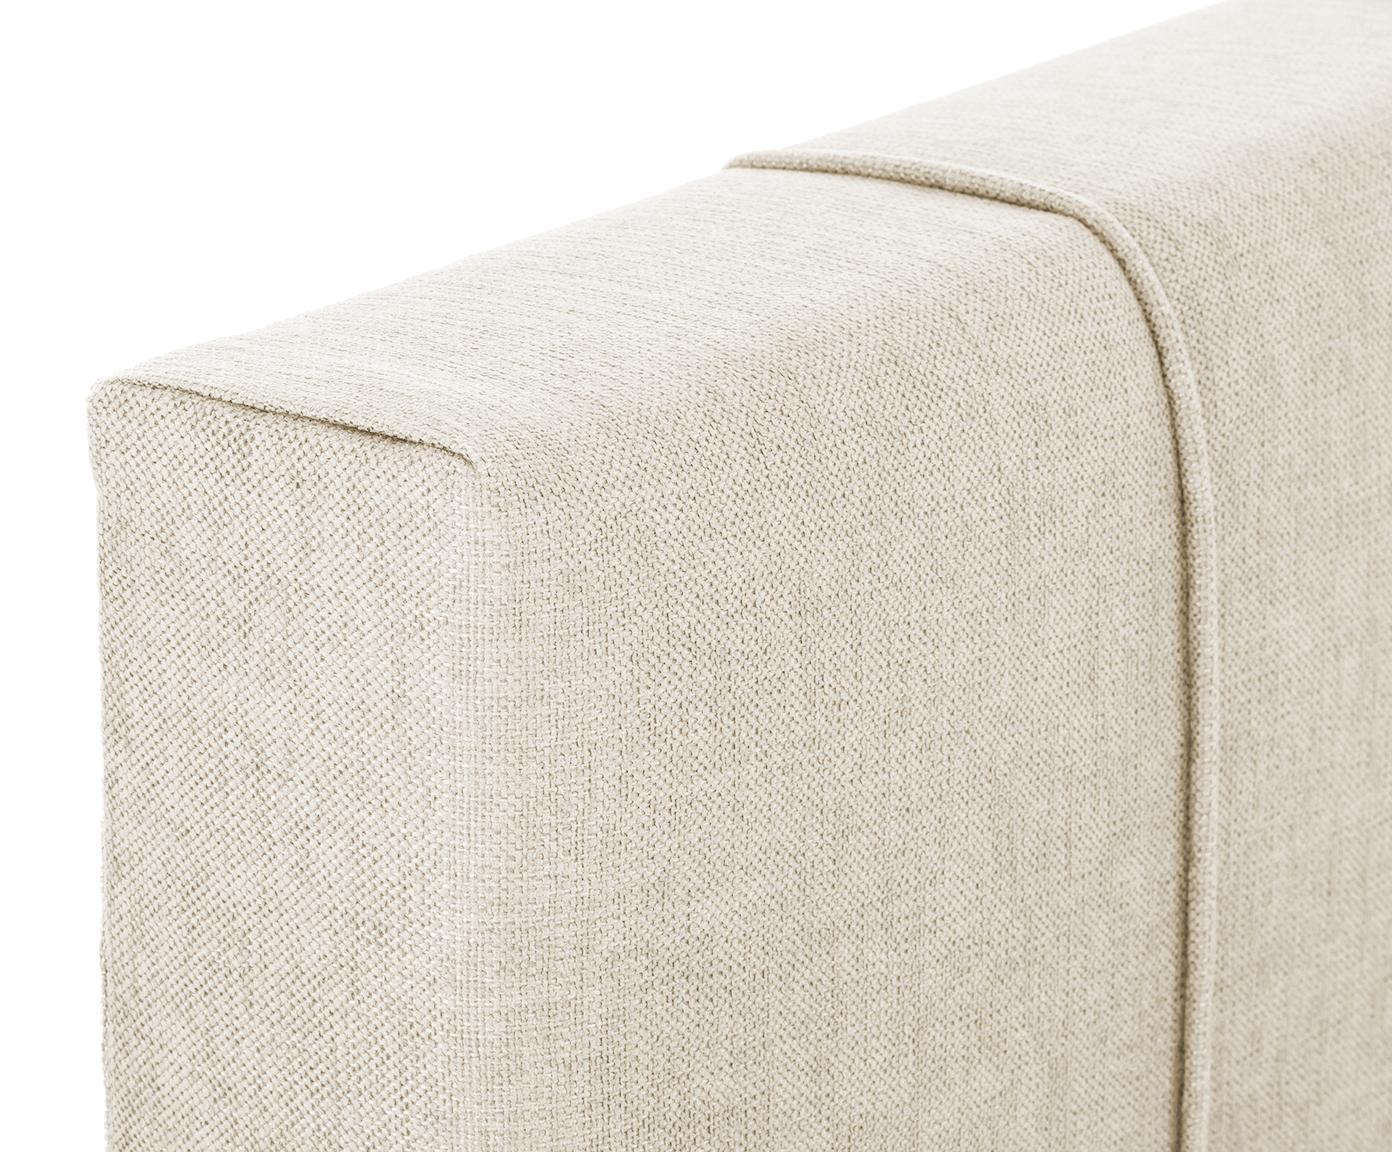 Łóżko kontynentalne premium Lacey, Nogi: lite drewno bukowe, lakie, Beżowy, 200 x 200 cm